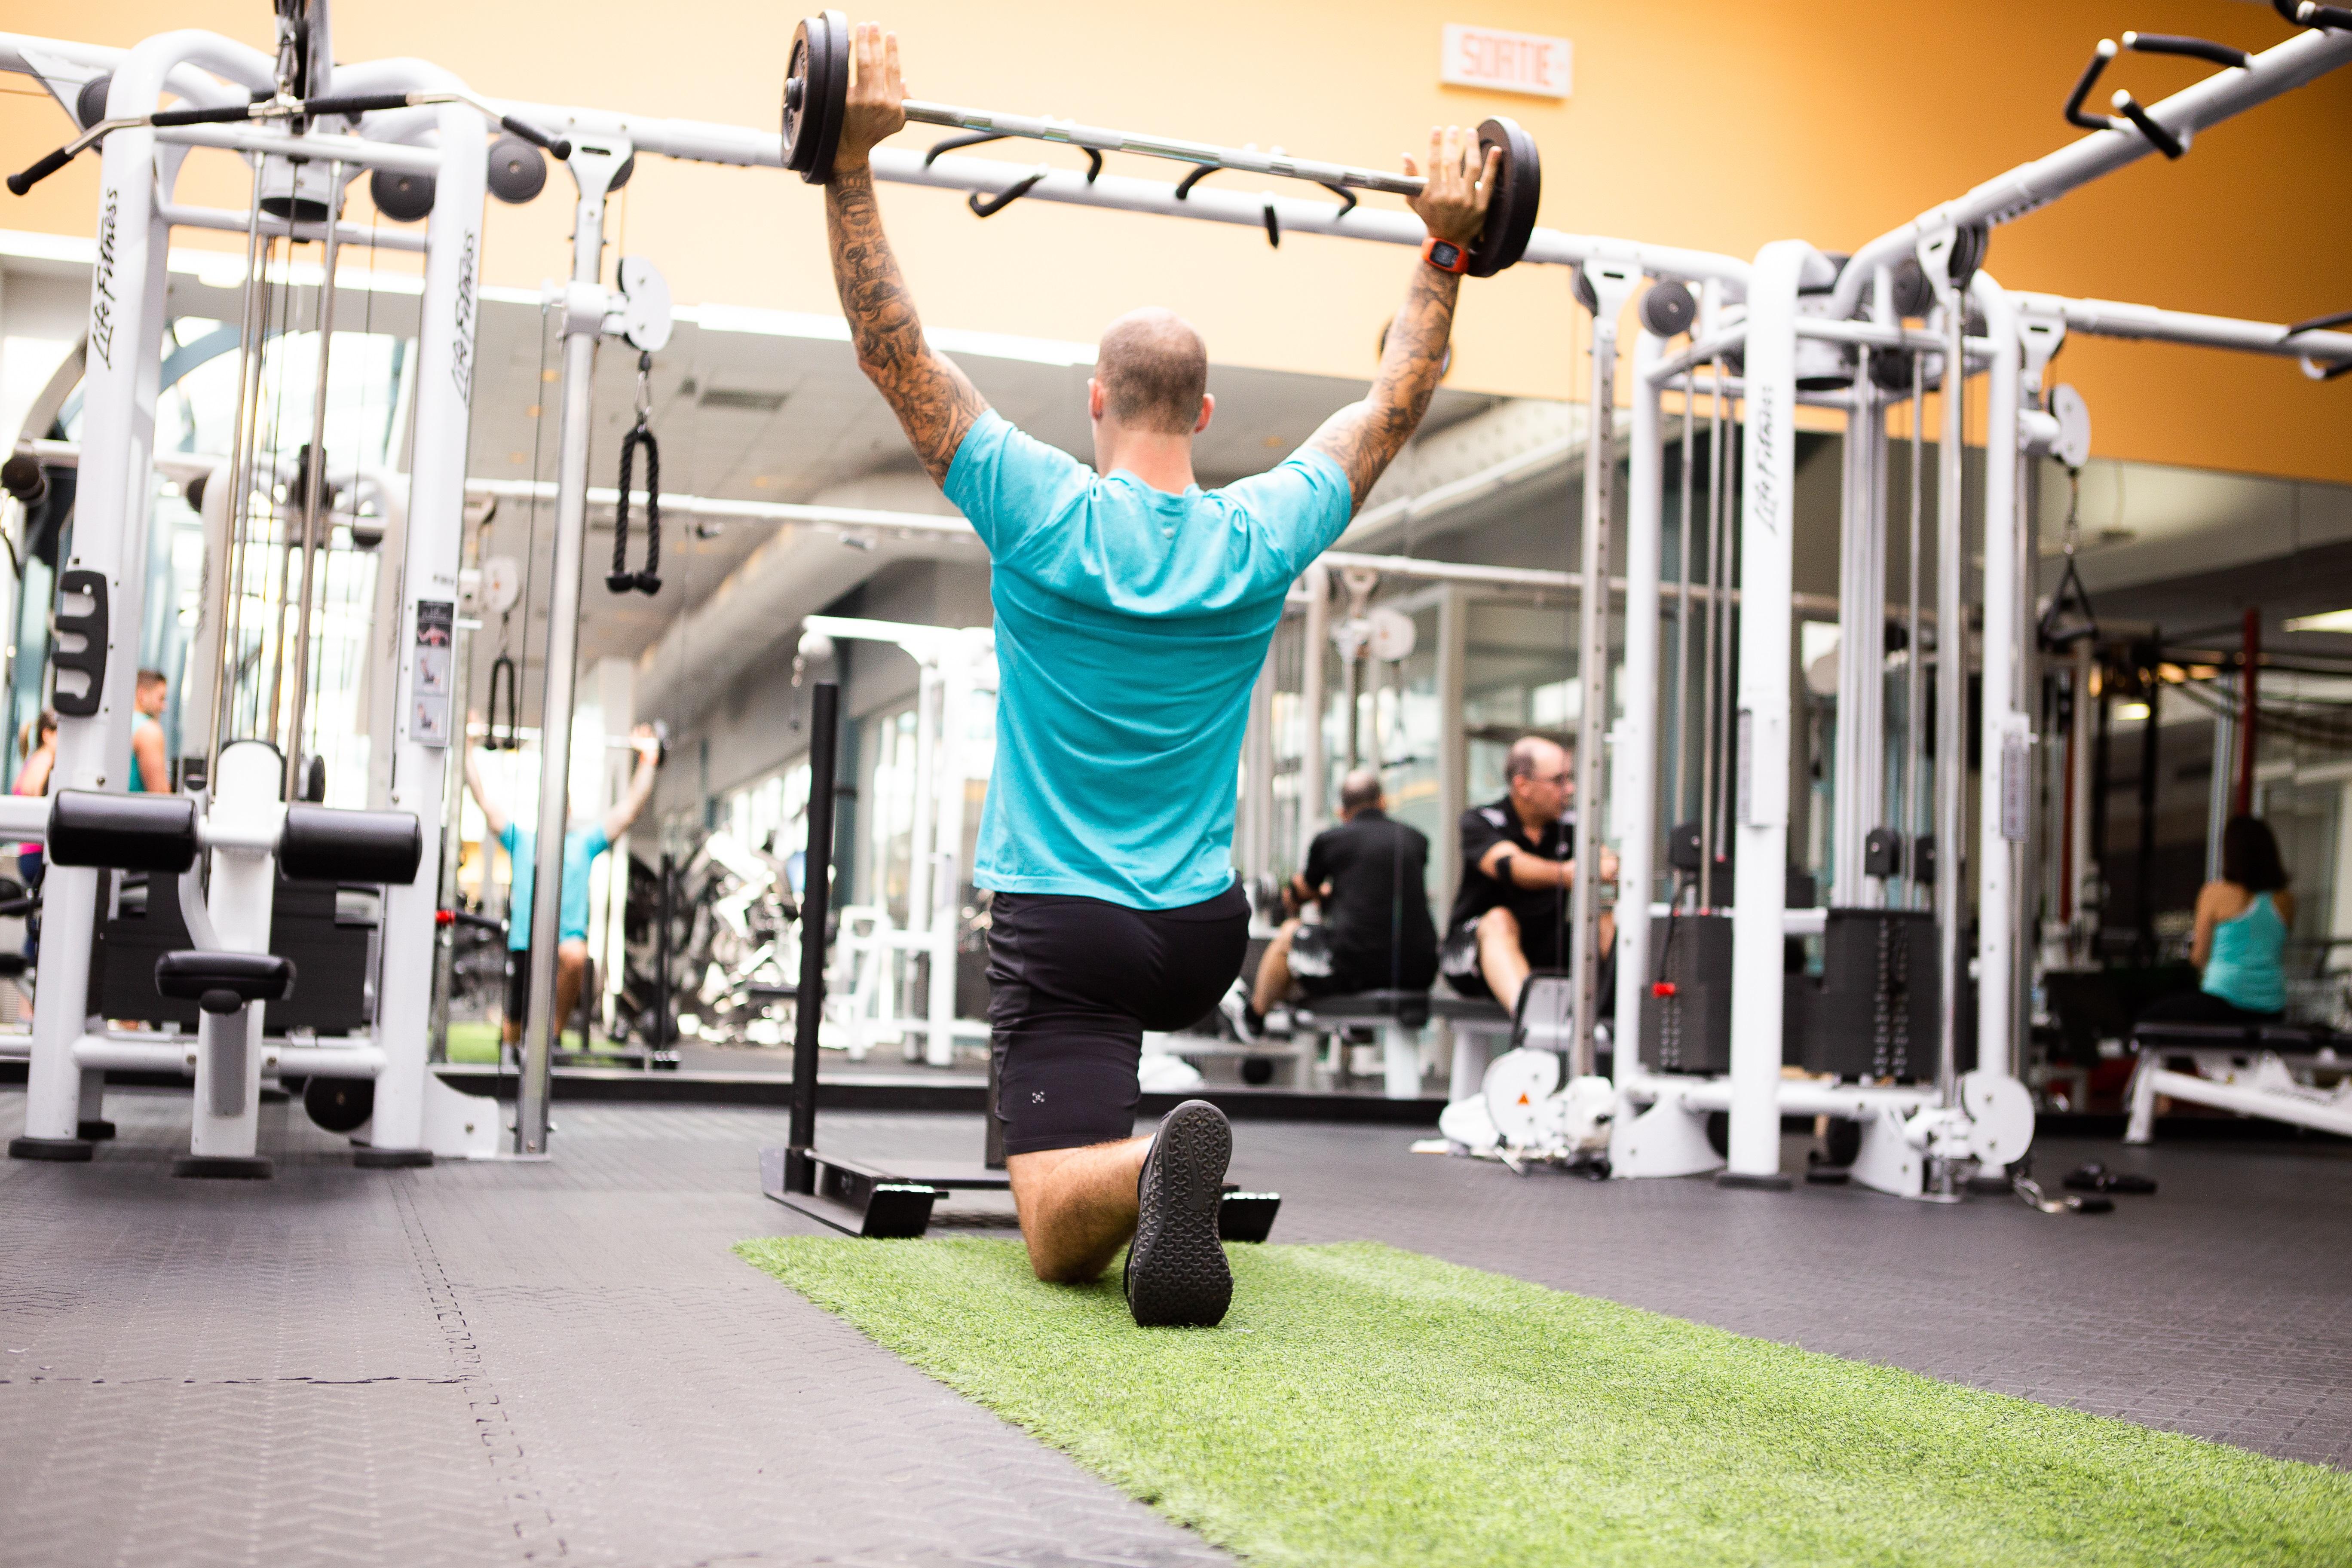 Comment optimiser la santé de vos épaules?